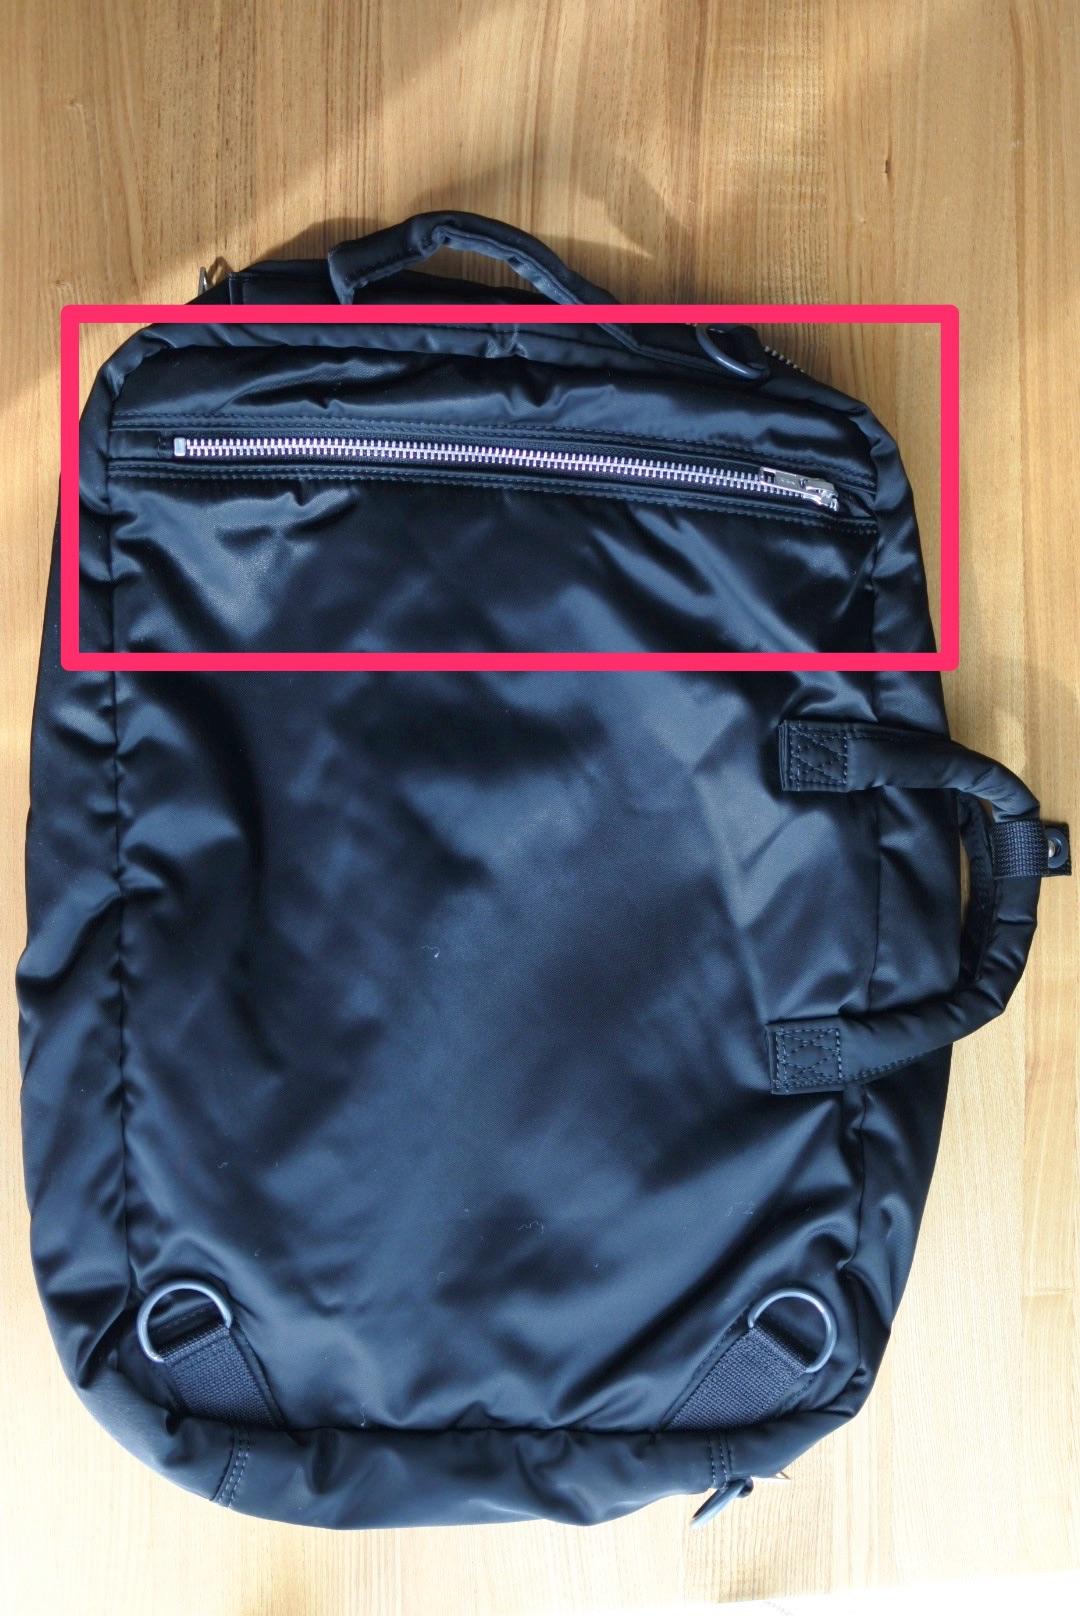 ビジネス・カジュアル兼用3wayバッグ「PORTER / TANKER 3WAY BRIEF CASE/ポーター/タンカー/3wayブリーフ/622-09308」